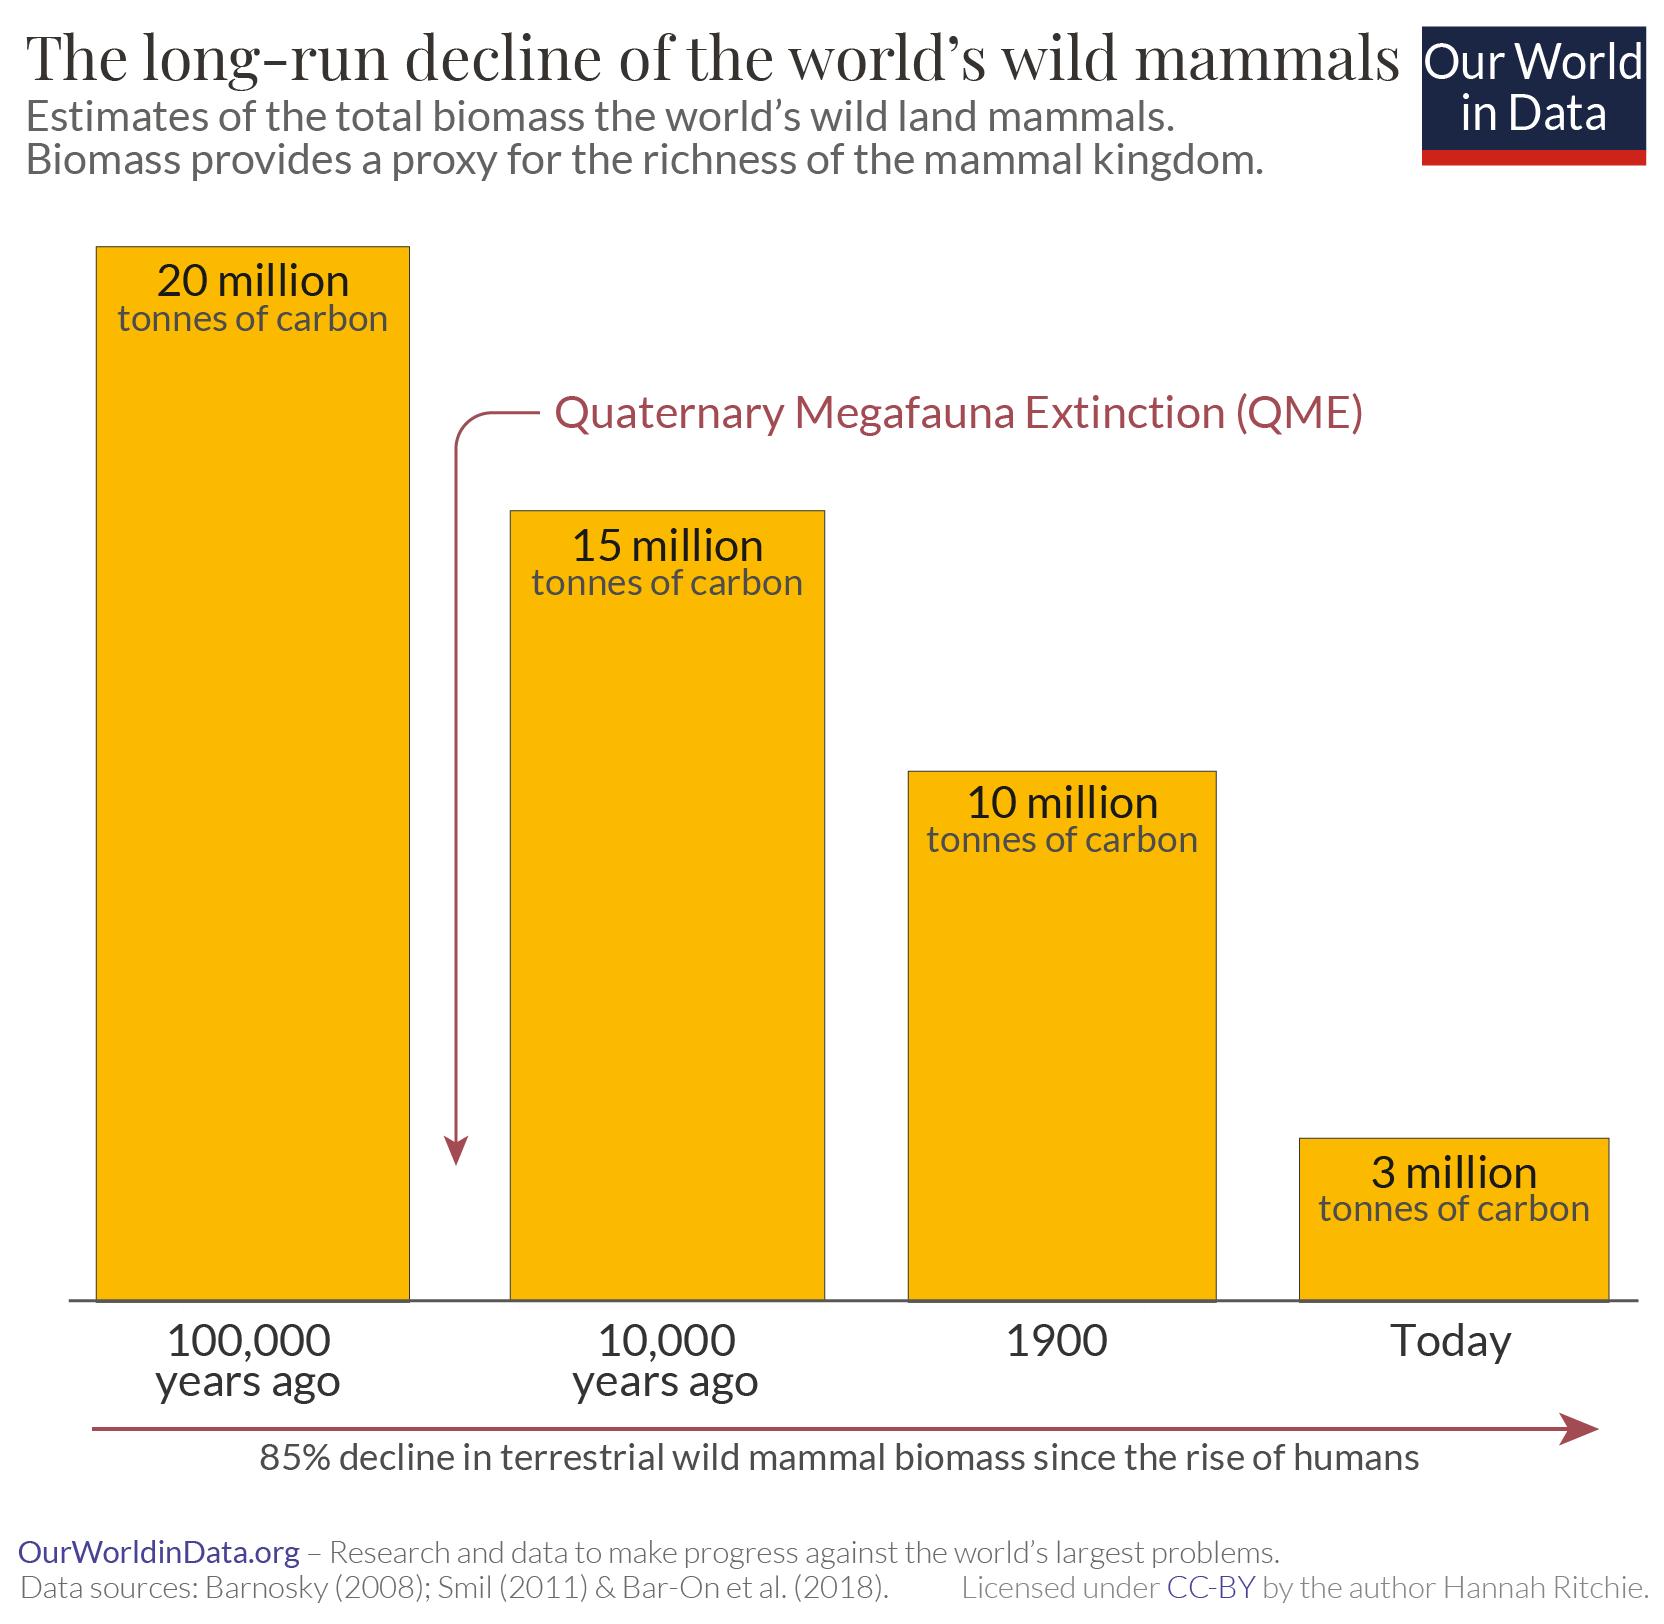 Decline of wild mammals